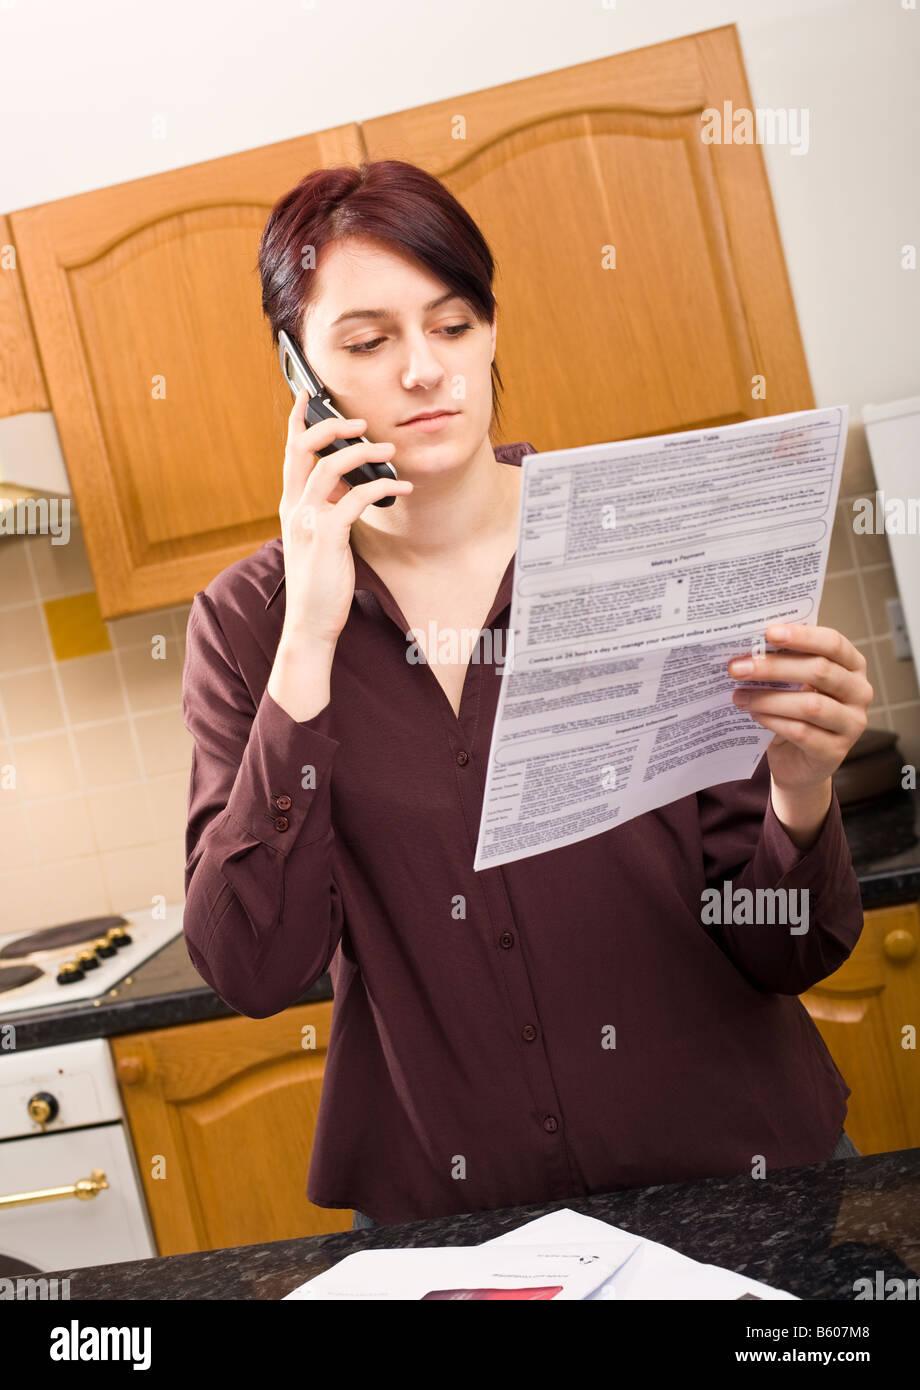 Jeune femme au foyer de payer ou de l'interrogation d'un projet de loi à l'aide de son téléphone Photo Stock